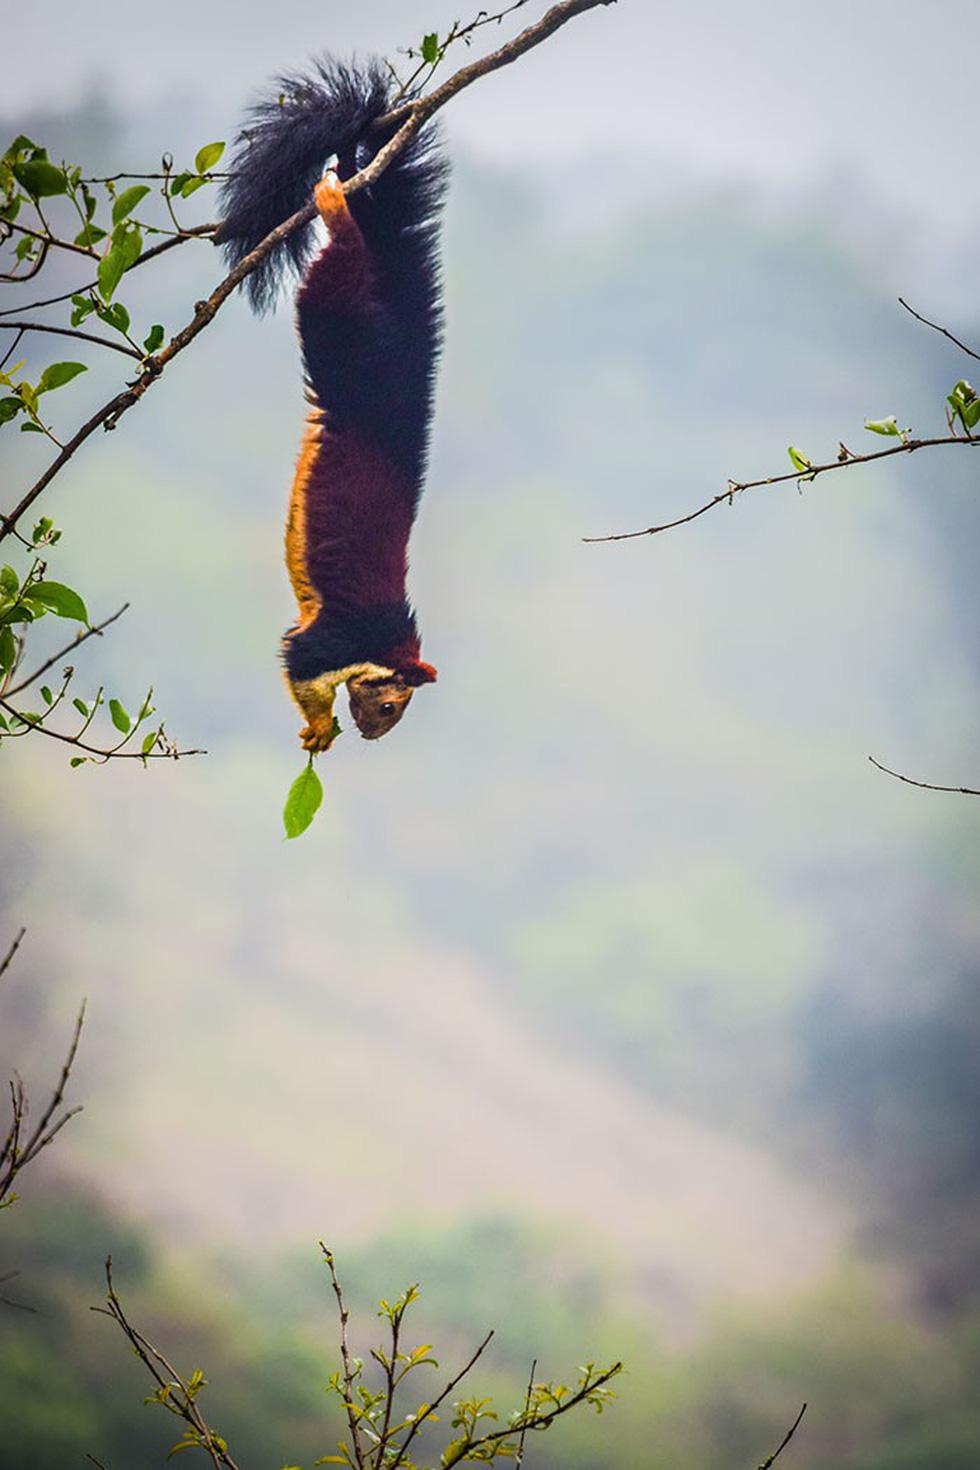 Kỳ lạ loài sóc sặc sỡ đuôi dài cả mét - Ảnh 4.